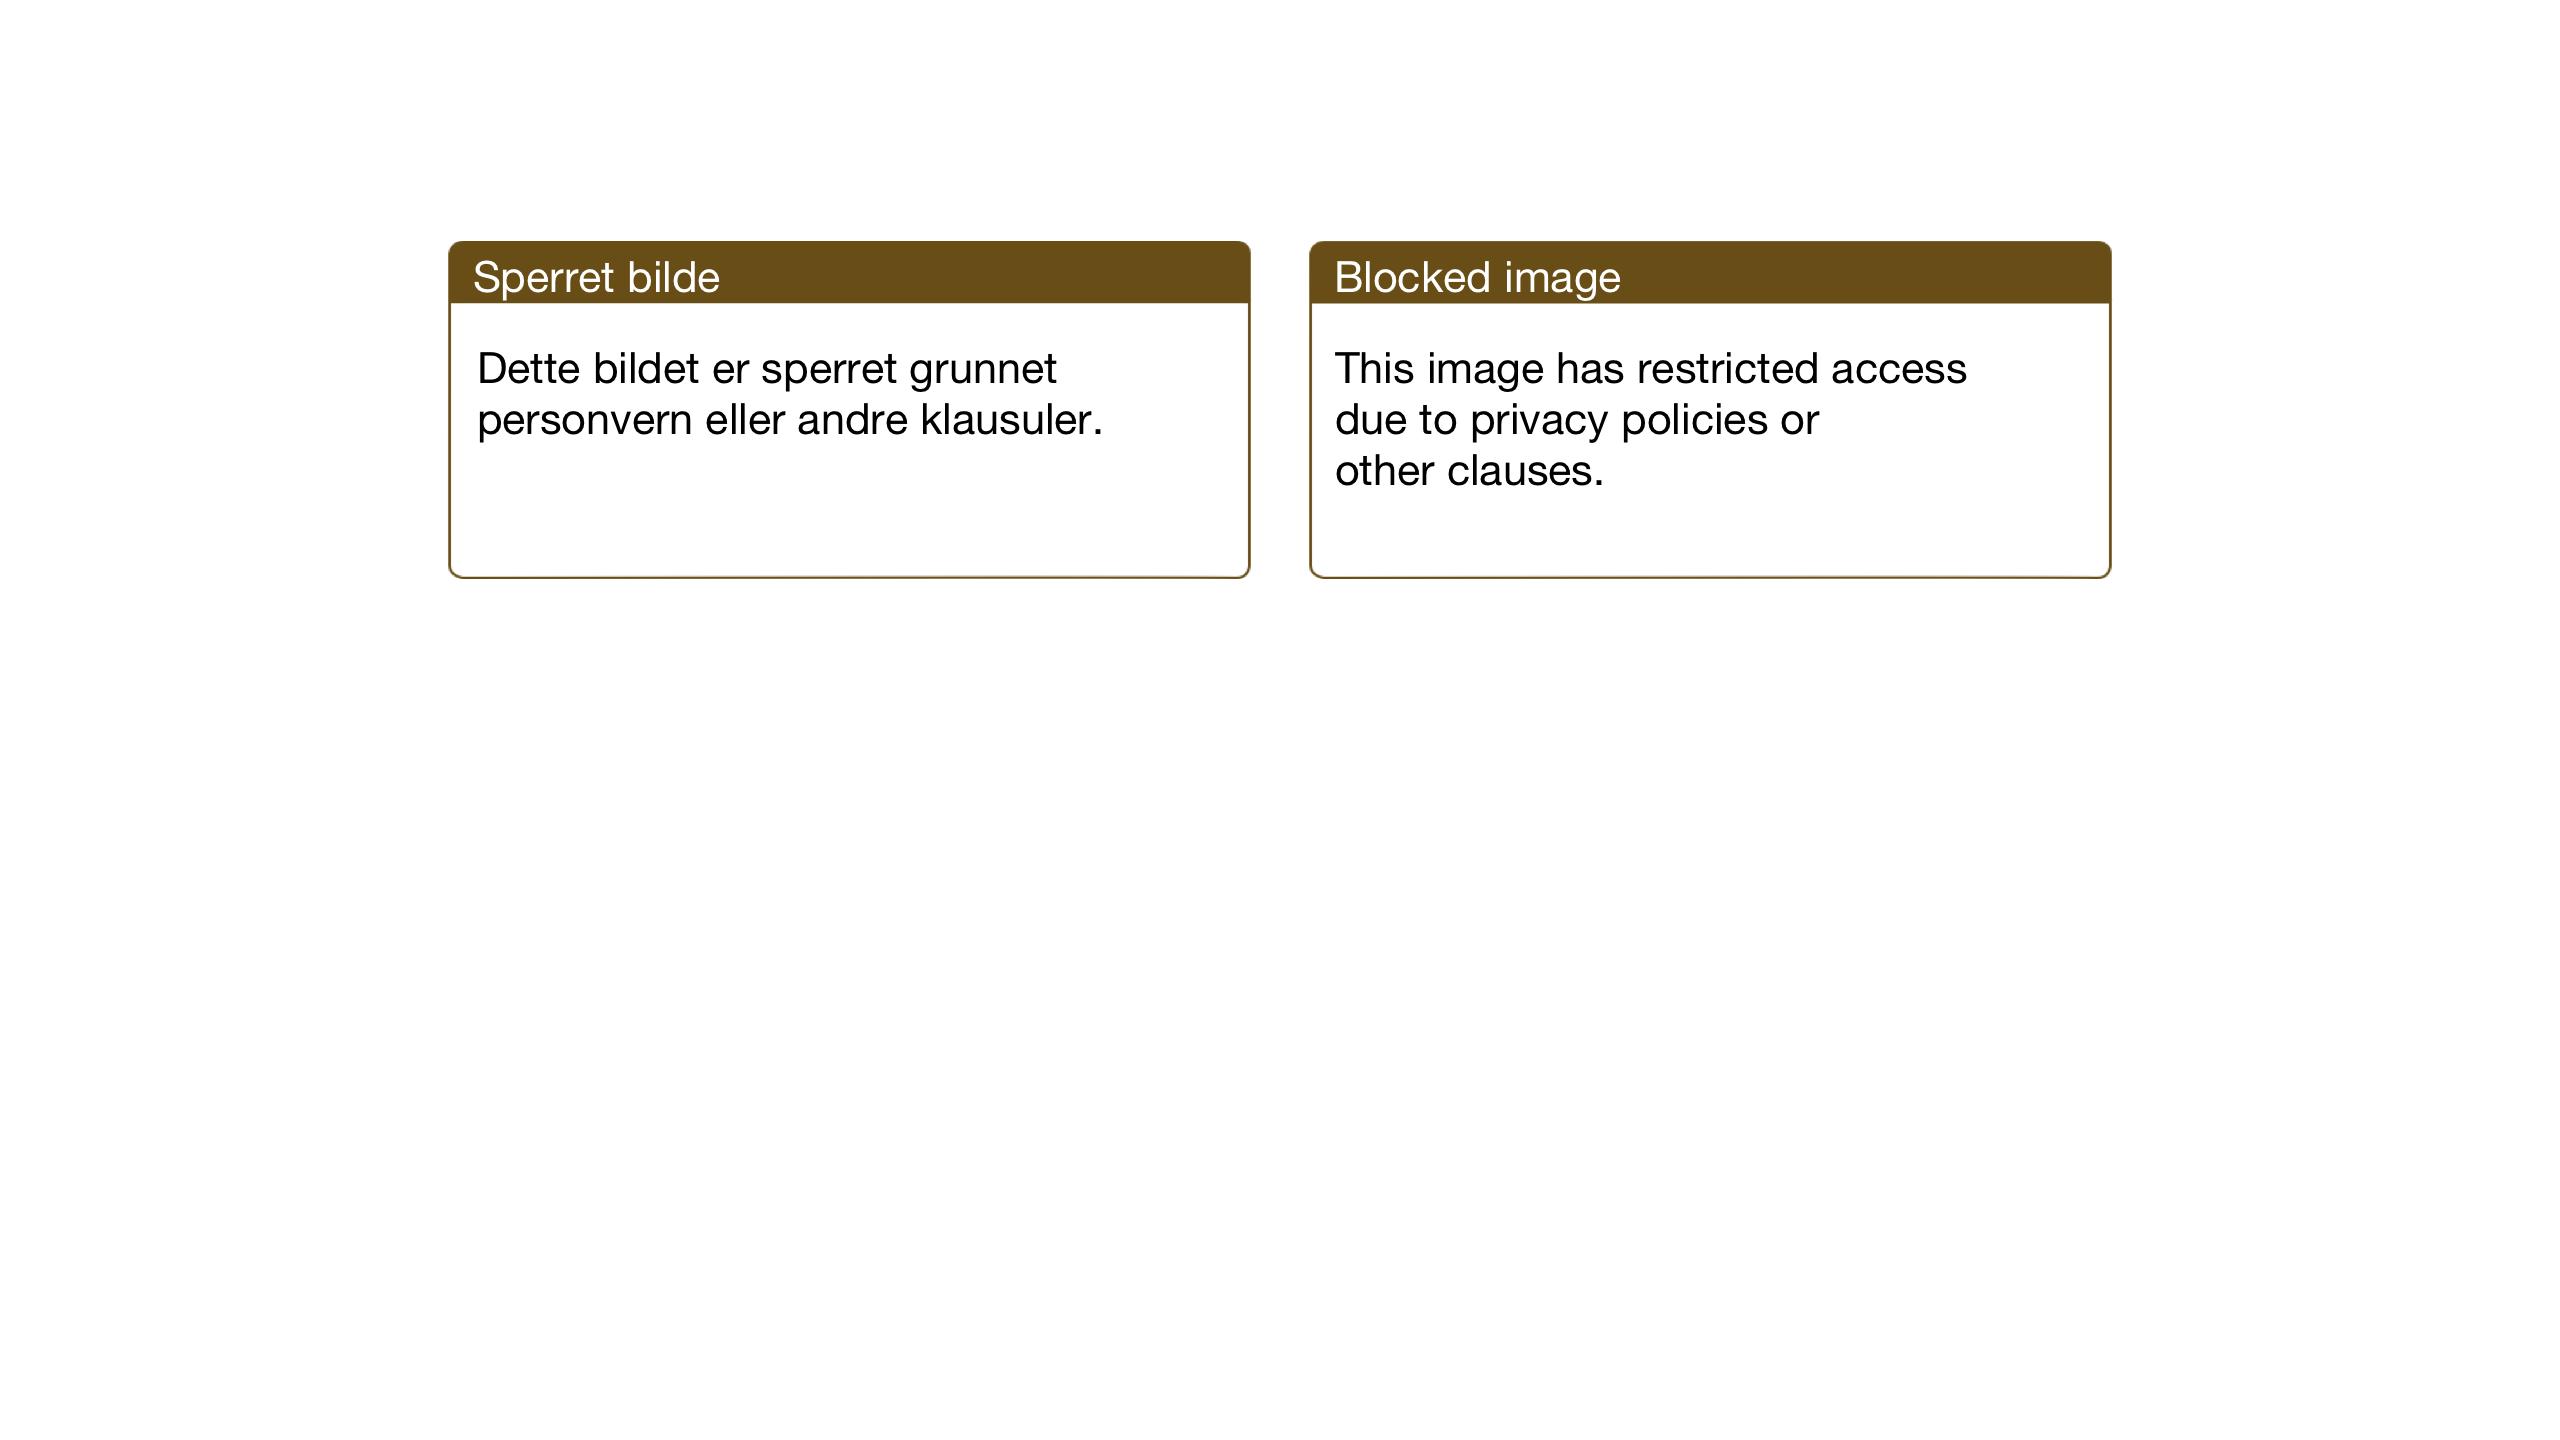 SAT, Ministerialprotokoller, klokkerbøker og fødselsregistre - Nord-Trøndelag, 755/L0500: Klokkerbok nr. 755C01, 1920-1962, s. 25